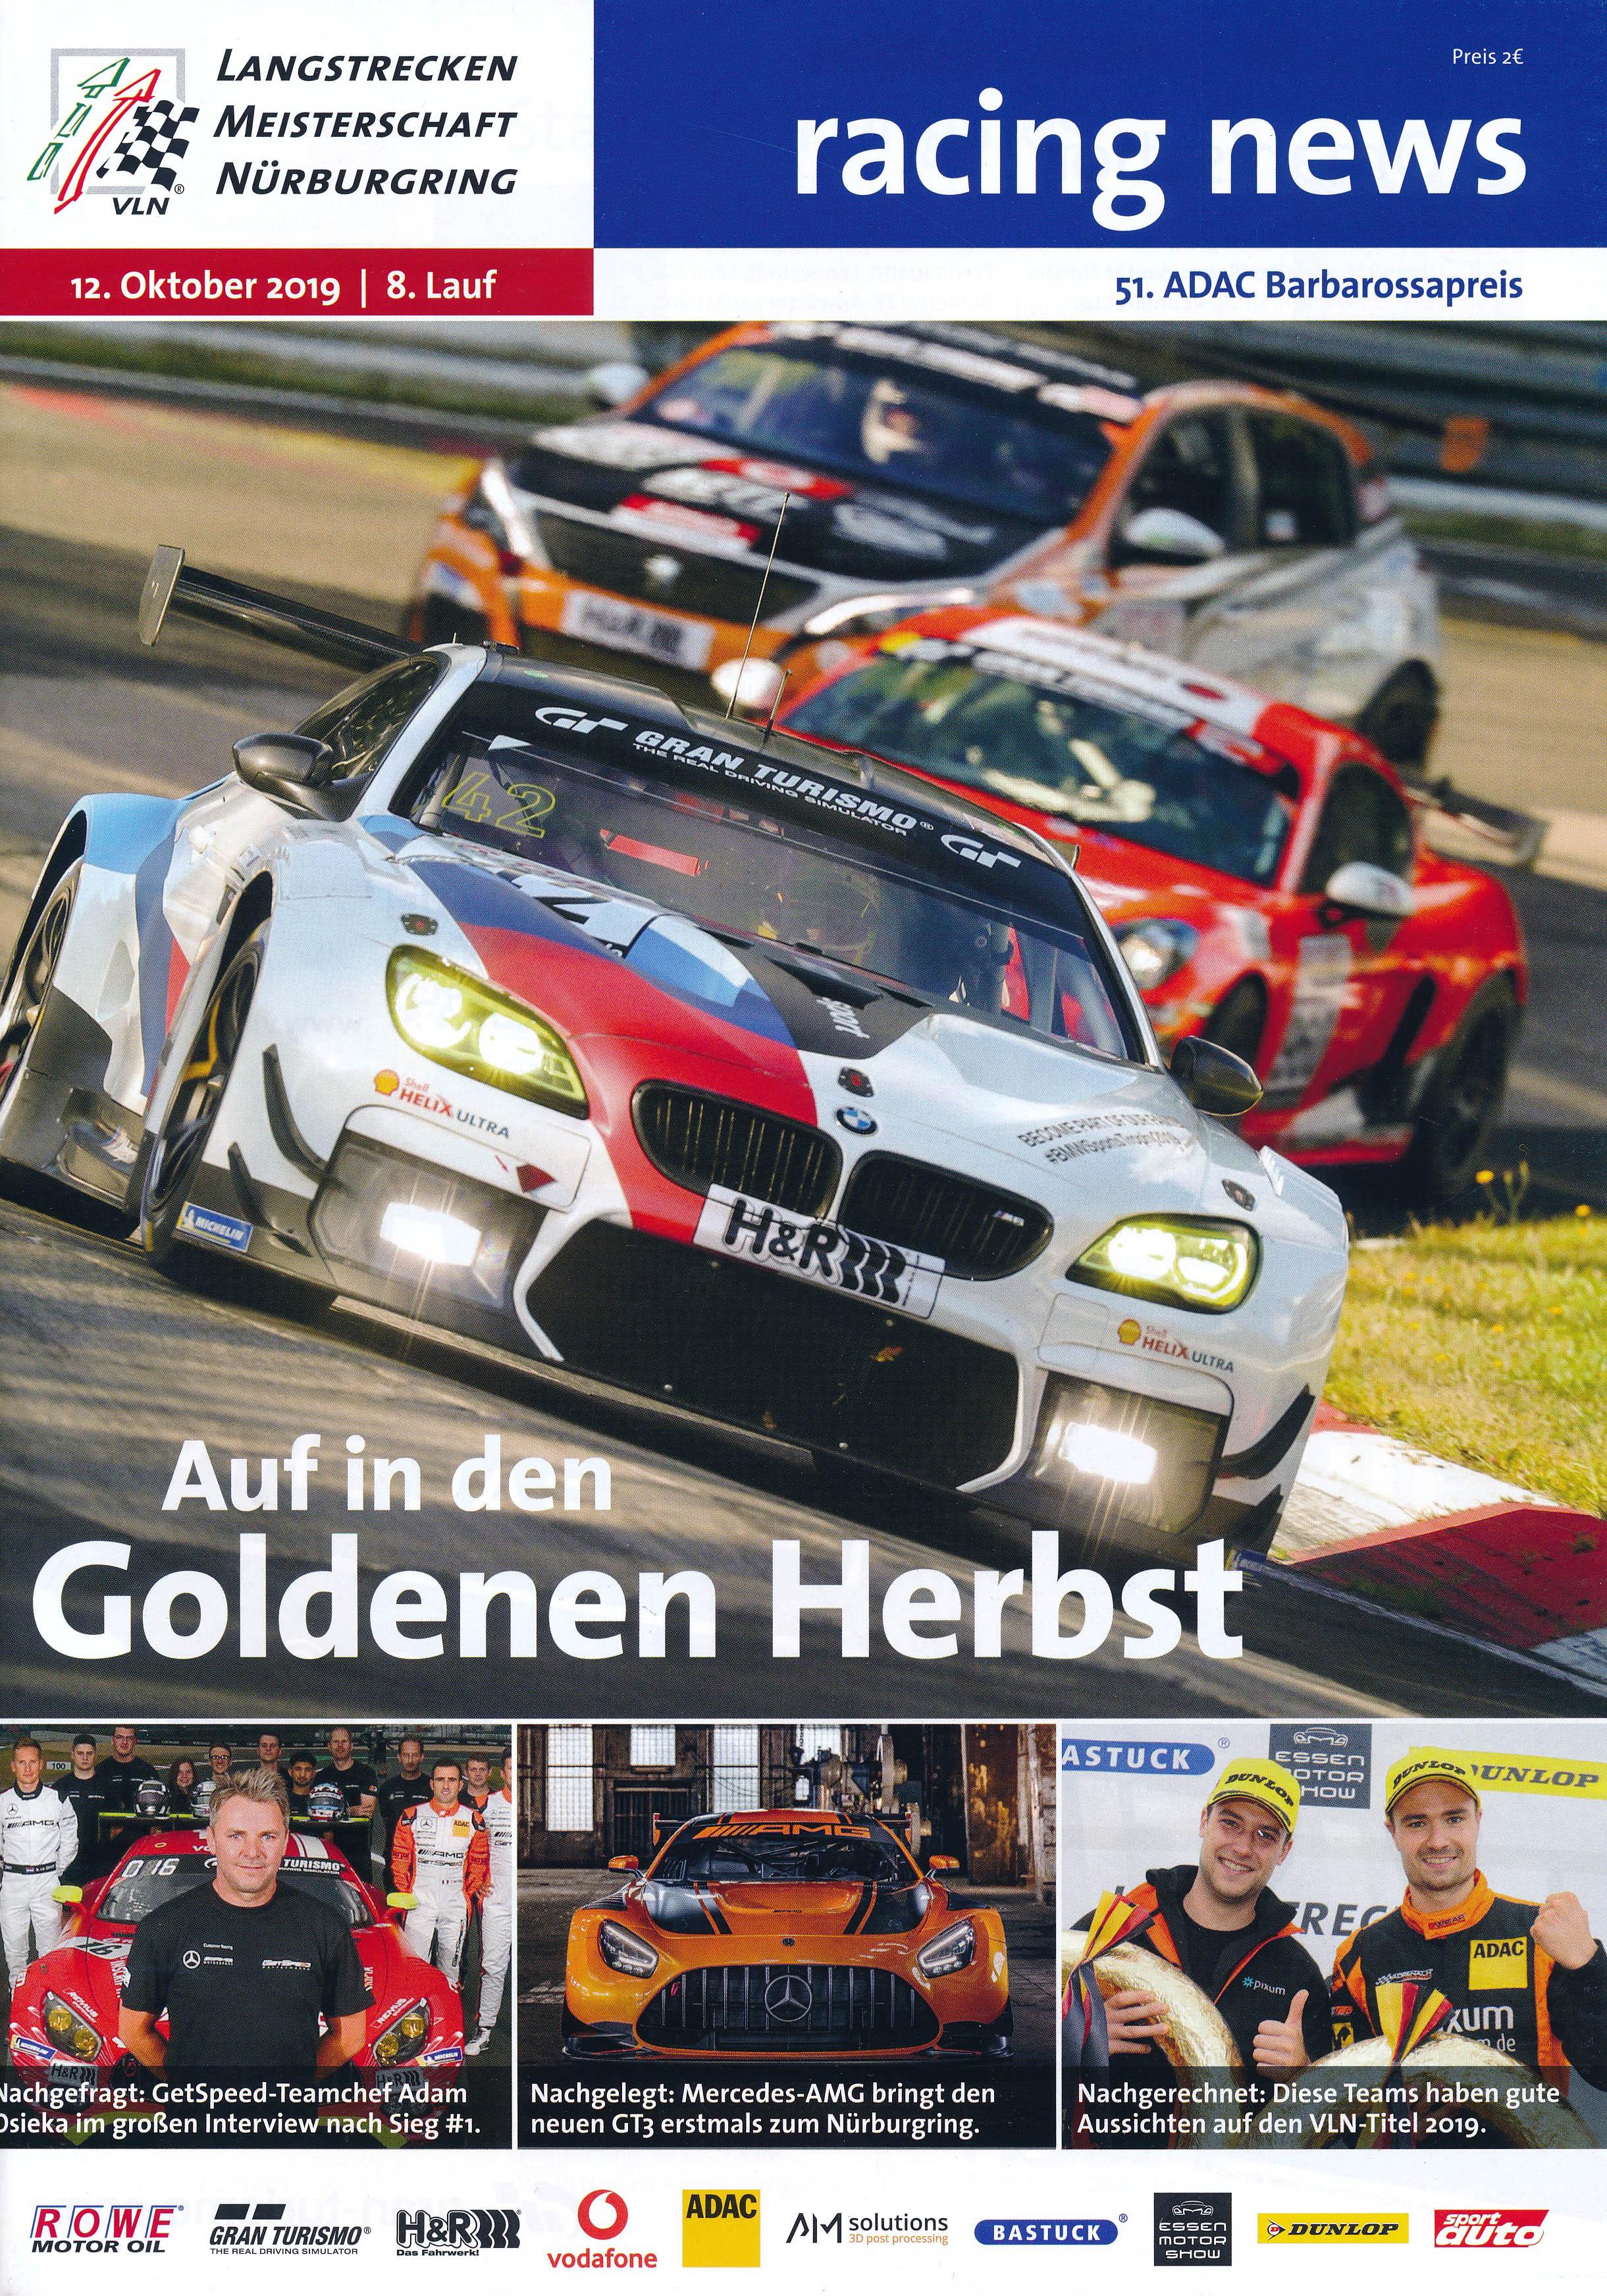 12.10.2019 - Nürburgring